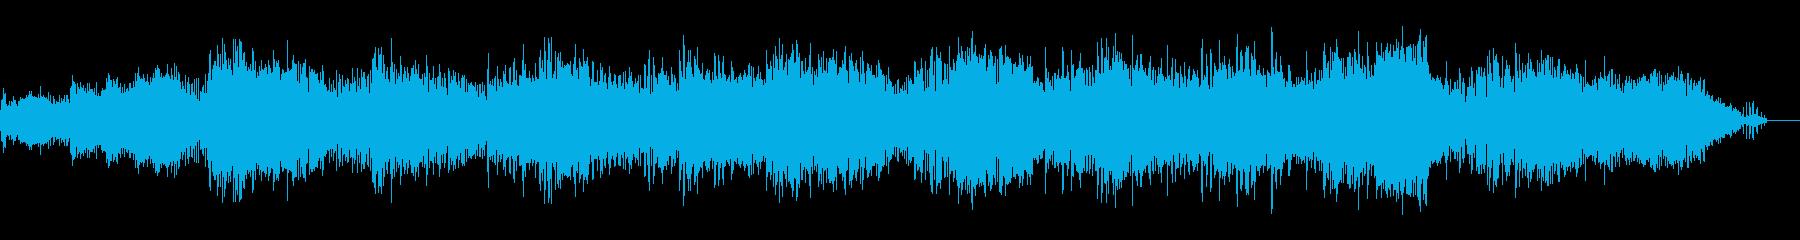 デジタルでサスペンシブなテクスチャIDMの再生済みの波形